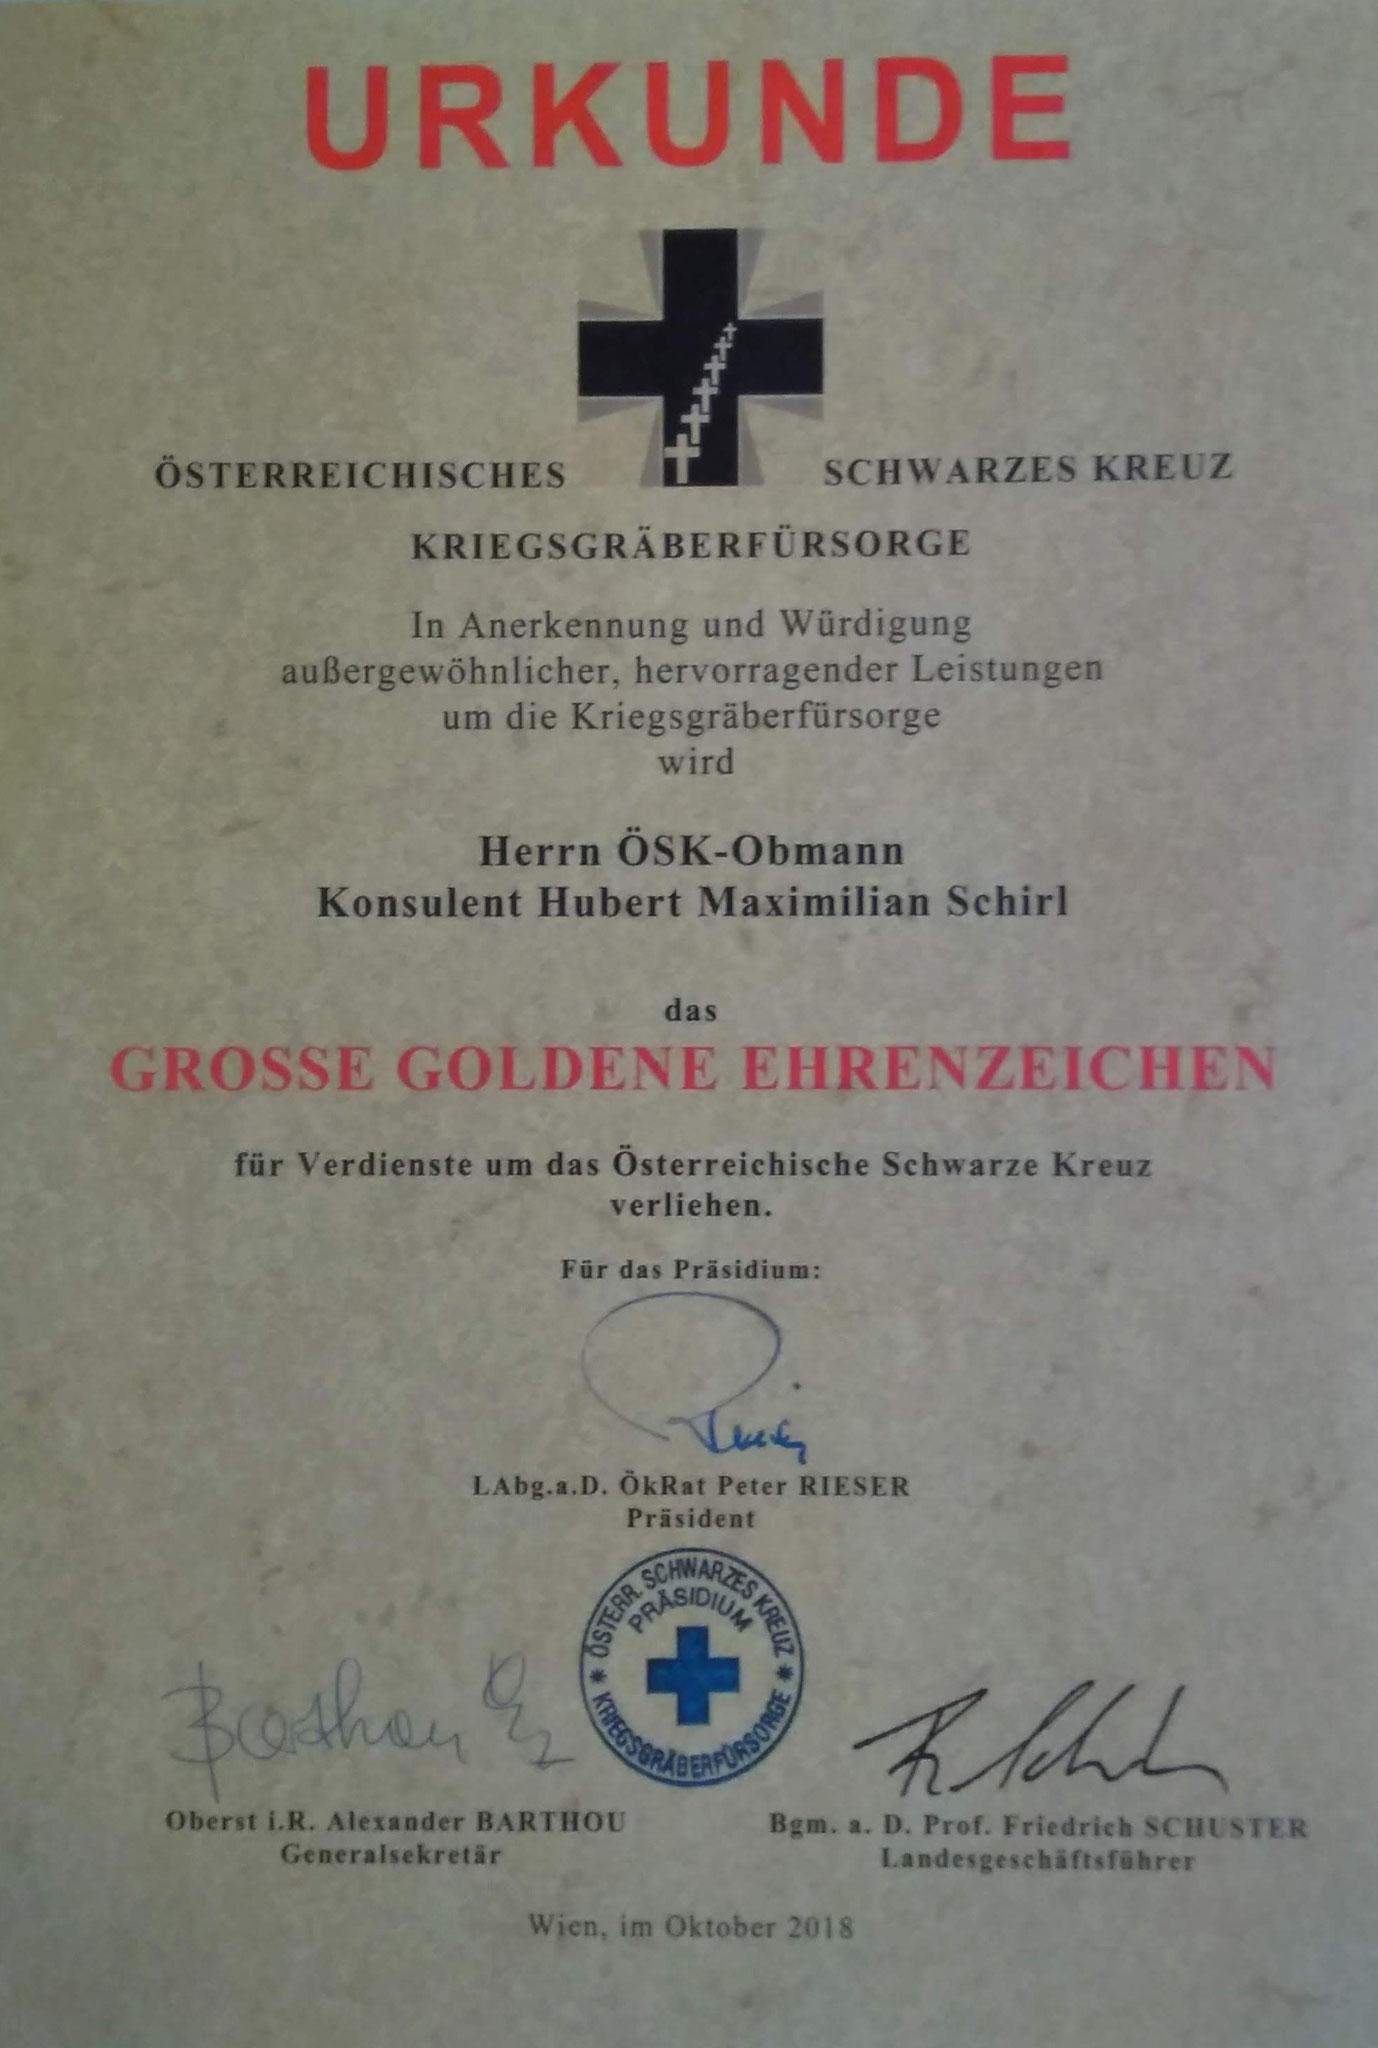 Österr. Schwarzes Kreuz, Großes Goldenes Ehrenzeichen, am 19.10.2018 in Linz